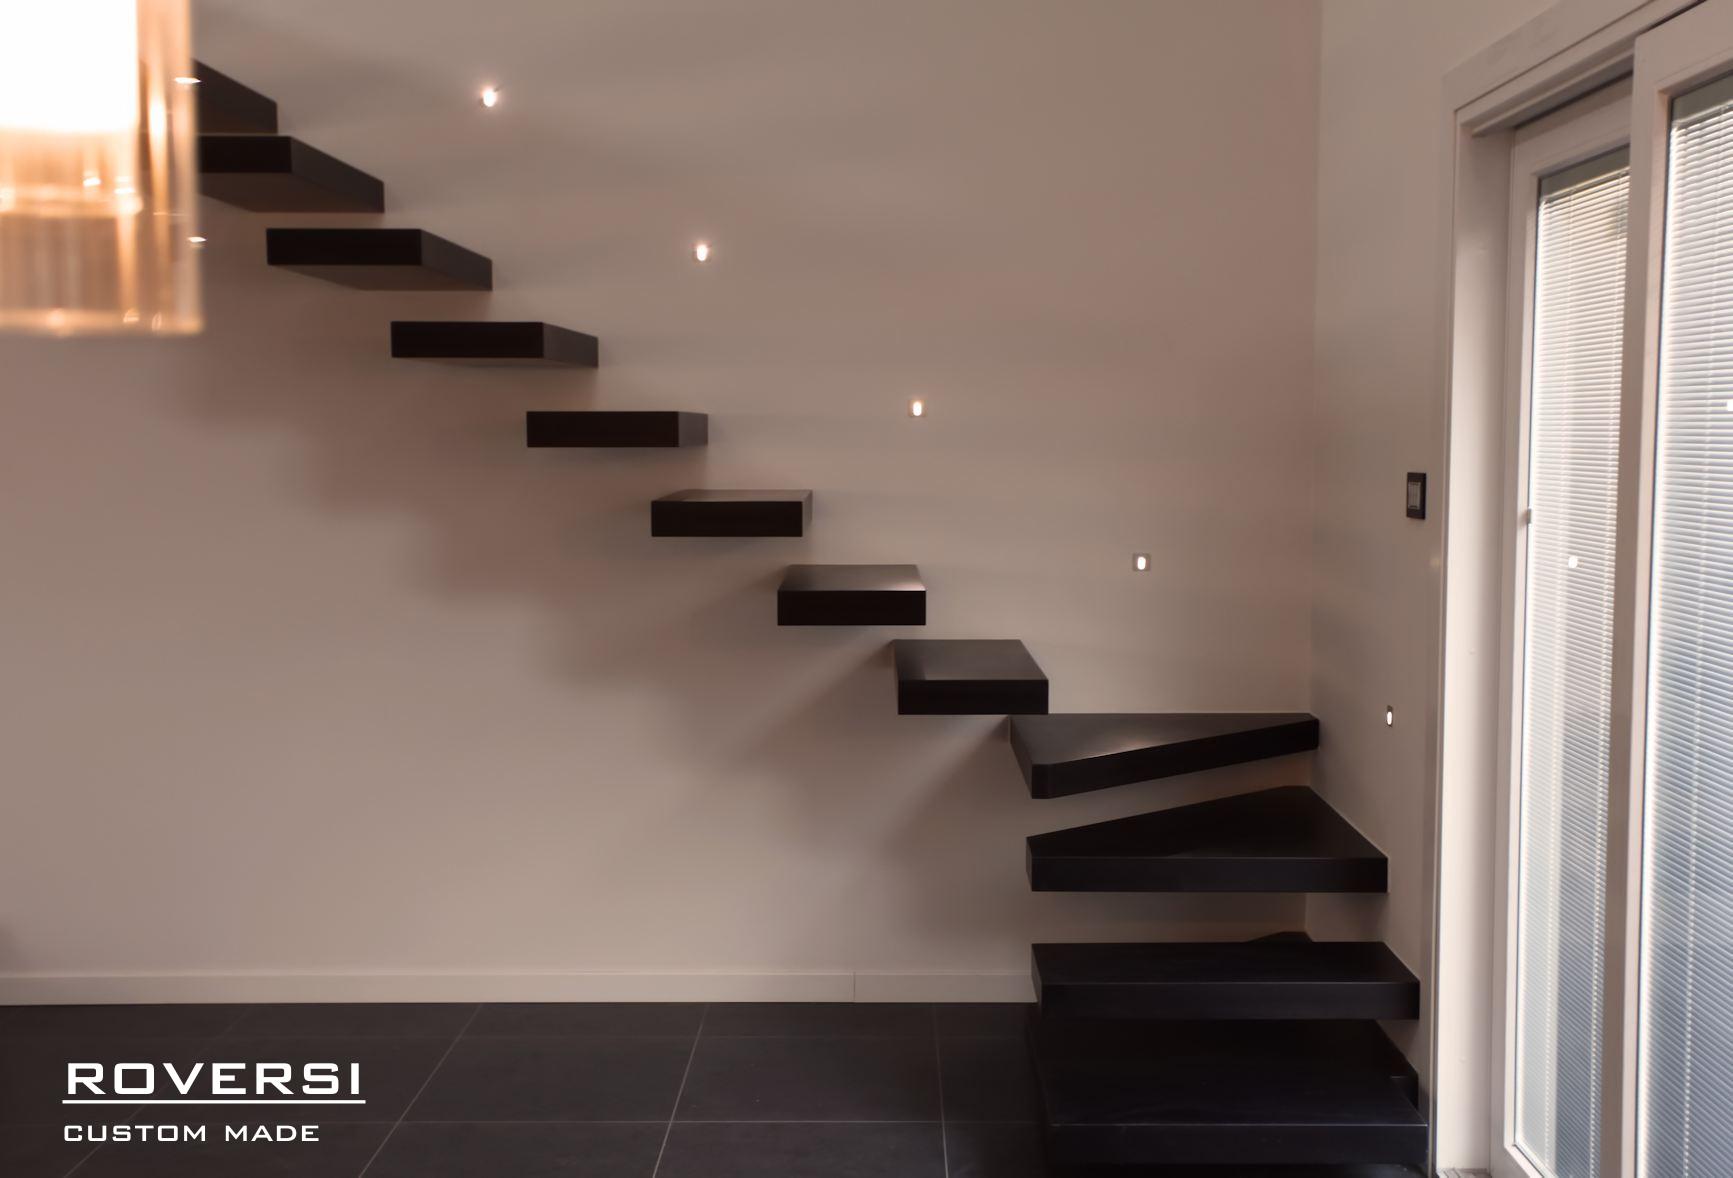 Sbalzo scala idee tutte le immagini per la progettazione - Scale di casa ...